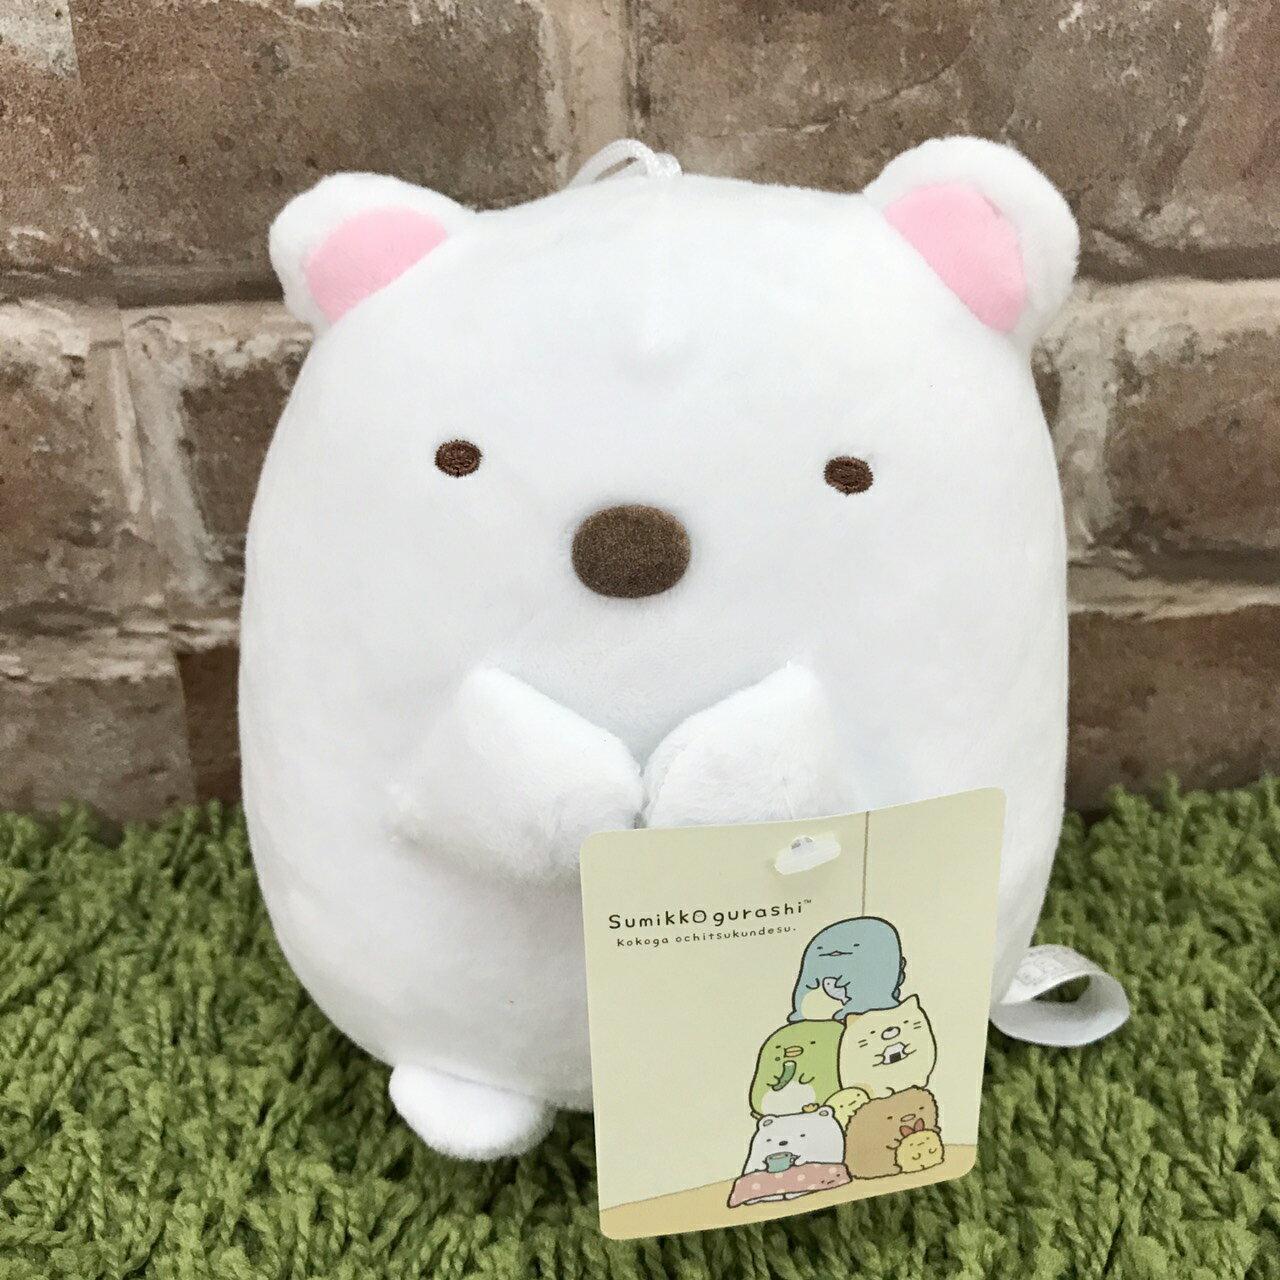 【真愛日本】 17082300003 角落公仔6吋吊娃-北極熊 SAN-X 角落生物 白熊 娃娃 抱枕 玩偶 新品